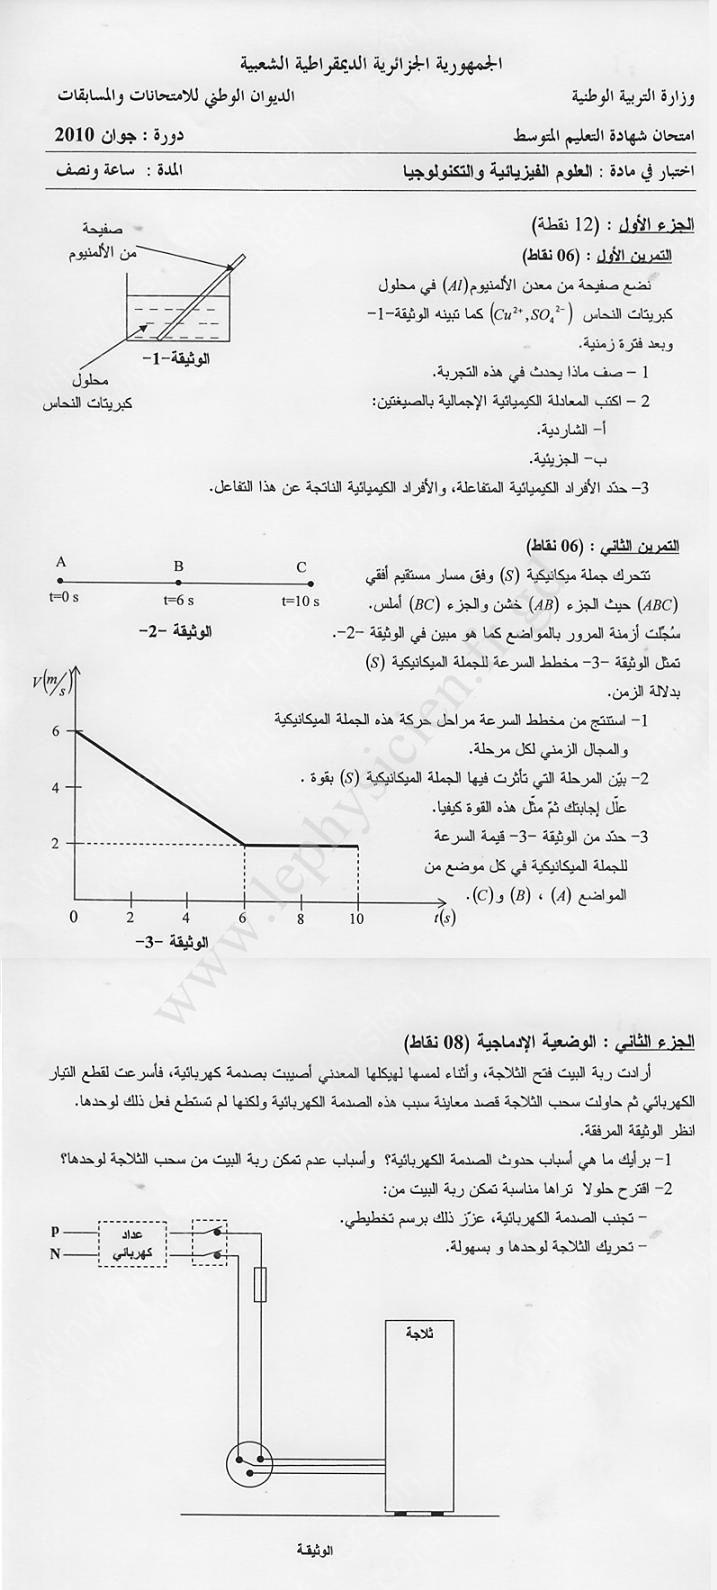 مواضيع الشهادة 2010 مقترحة للقراءة وحلولها مباشرة للقراءة و المراجعة مقتبسة من احسن المواقع هدية للطلبة    2010s